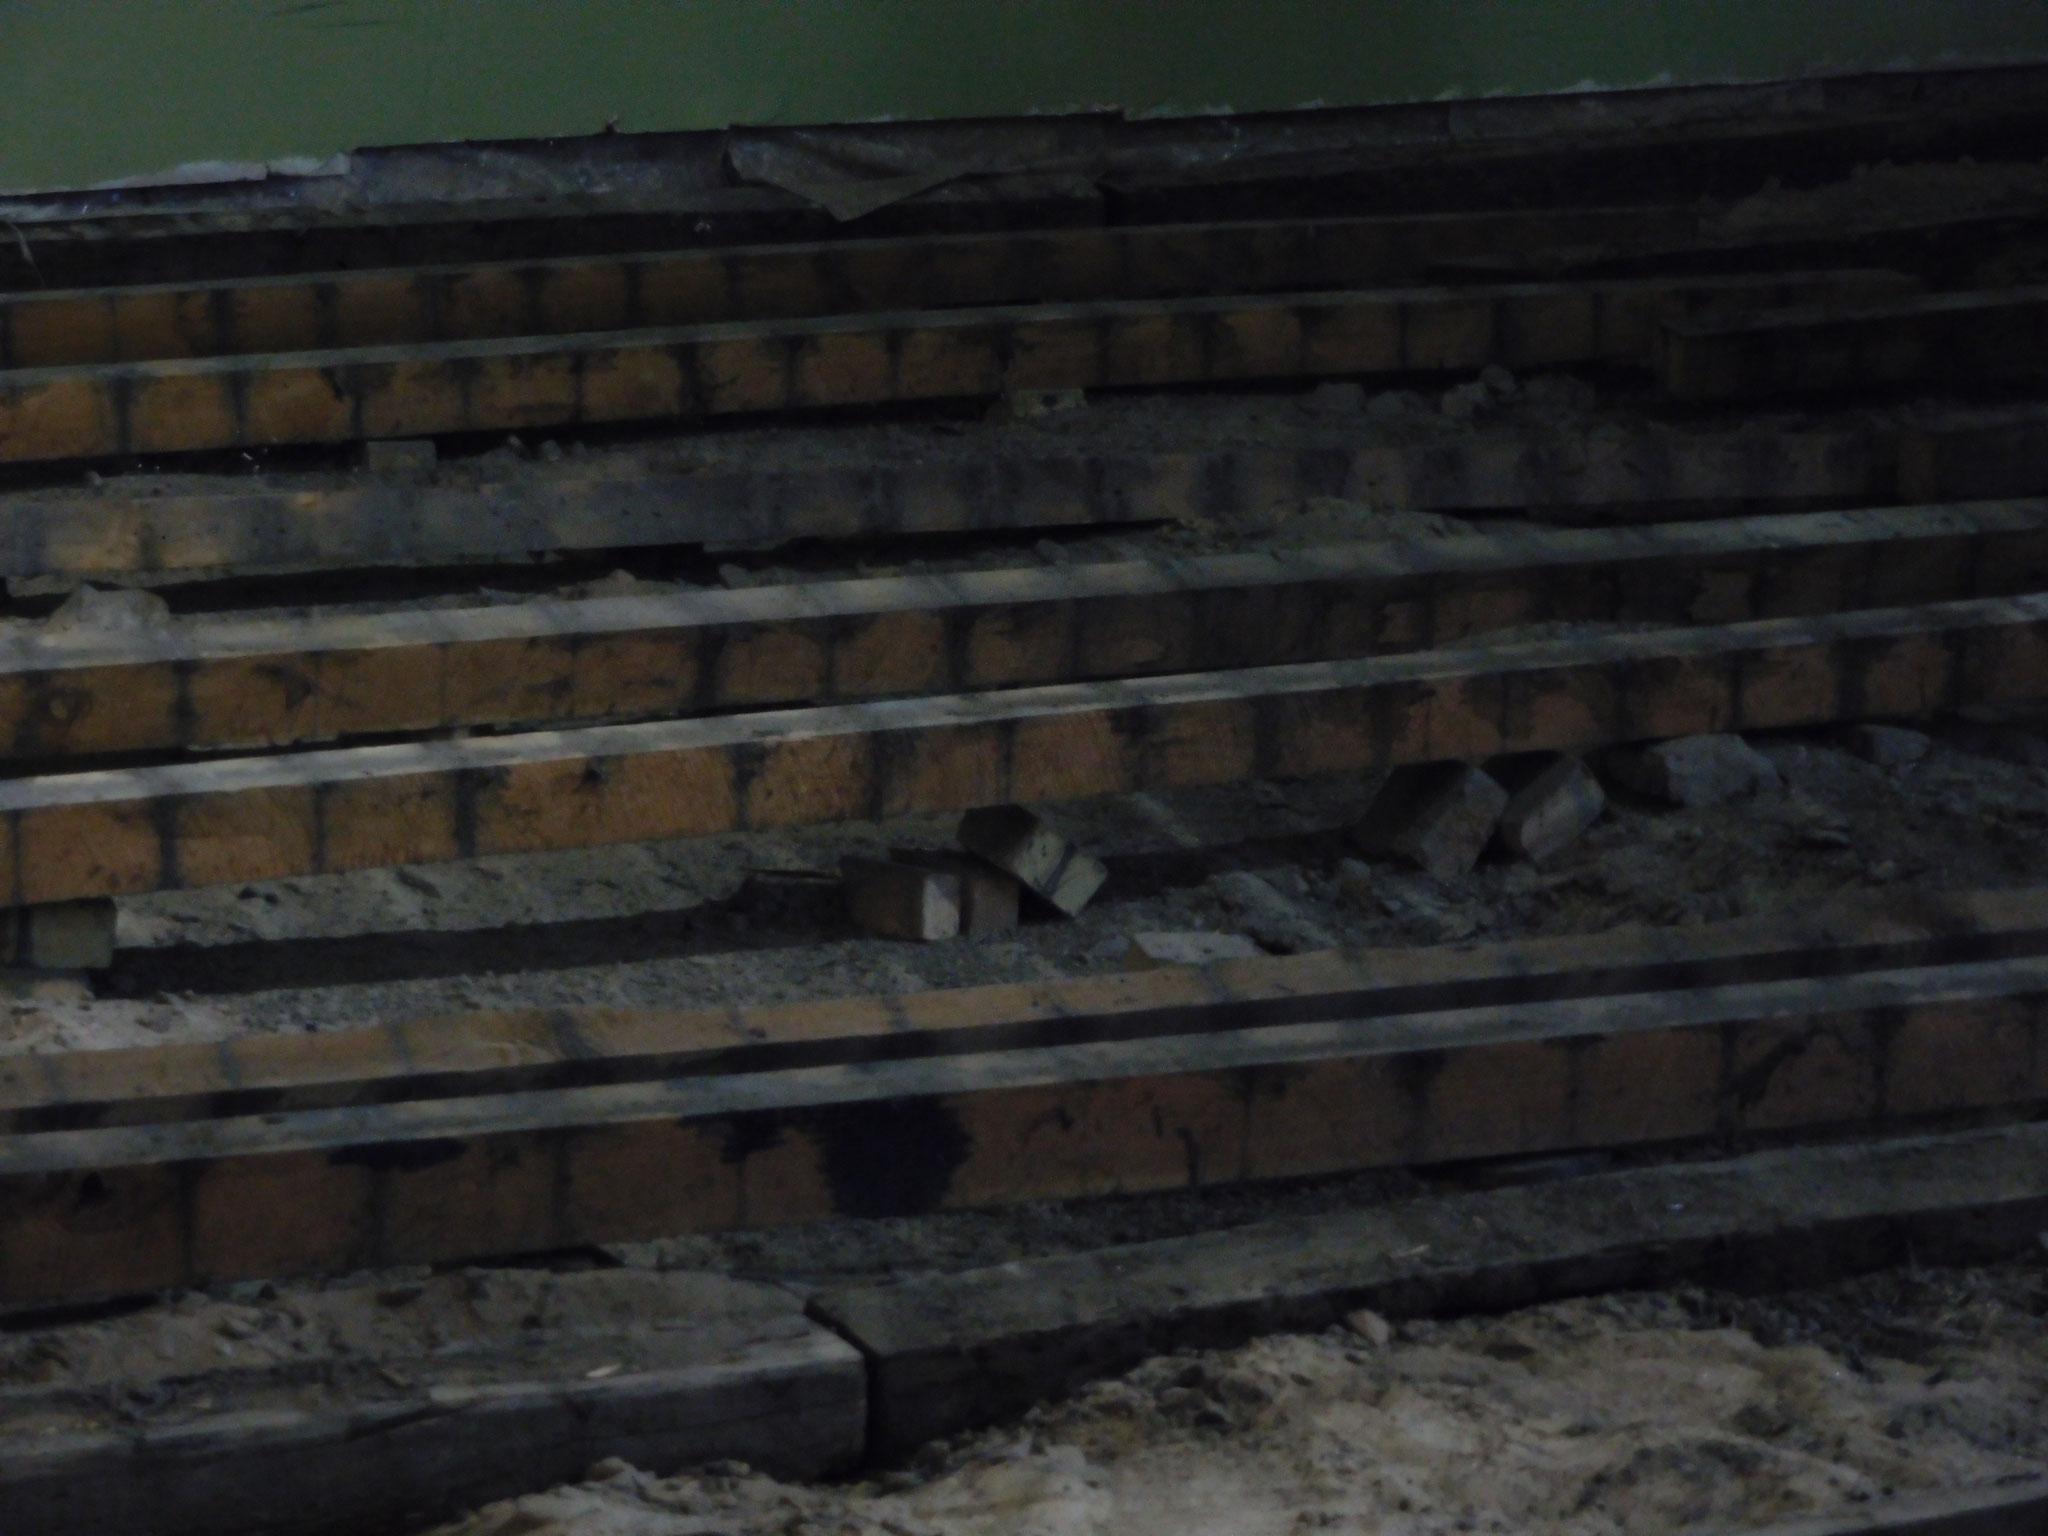 Die Ursache ist offensichtlich: Es fehlte an Sand und die Balken waren teilweise verrottet (Oktober 2015).